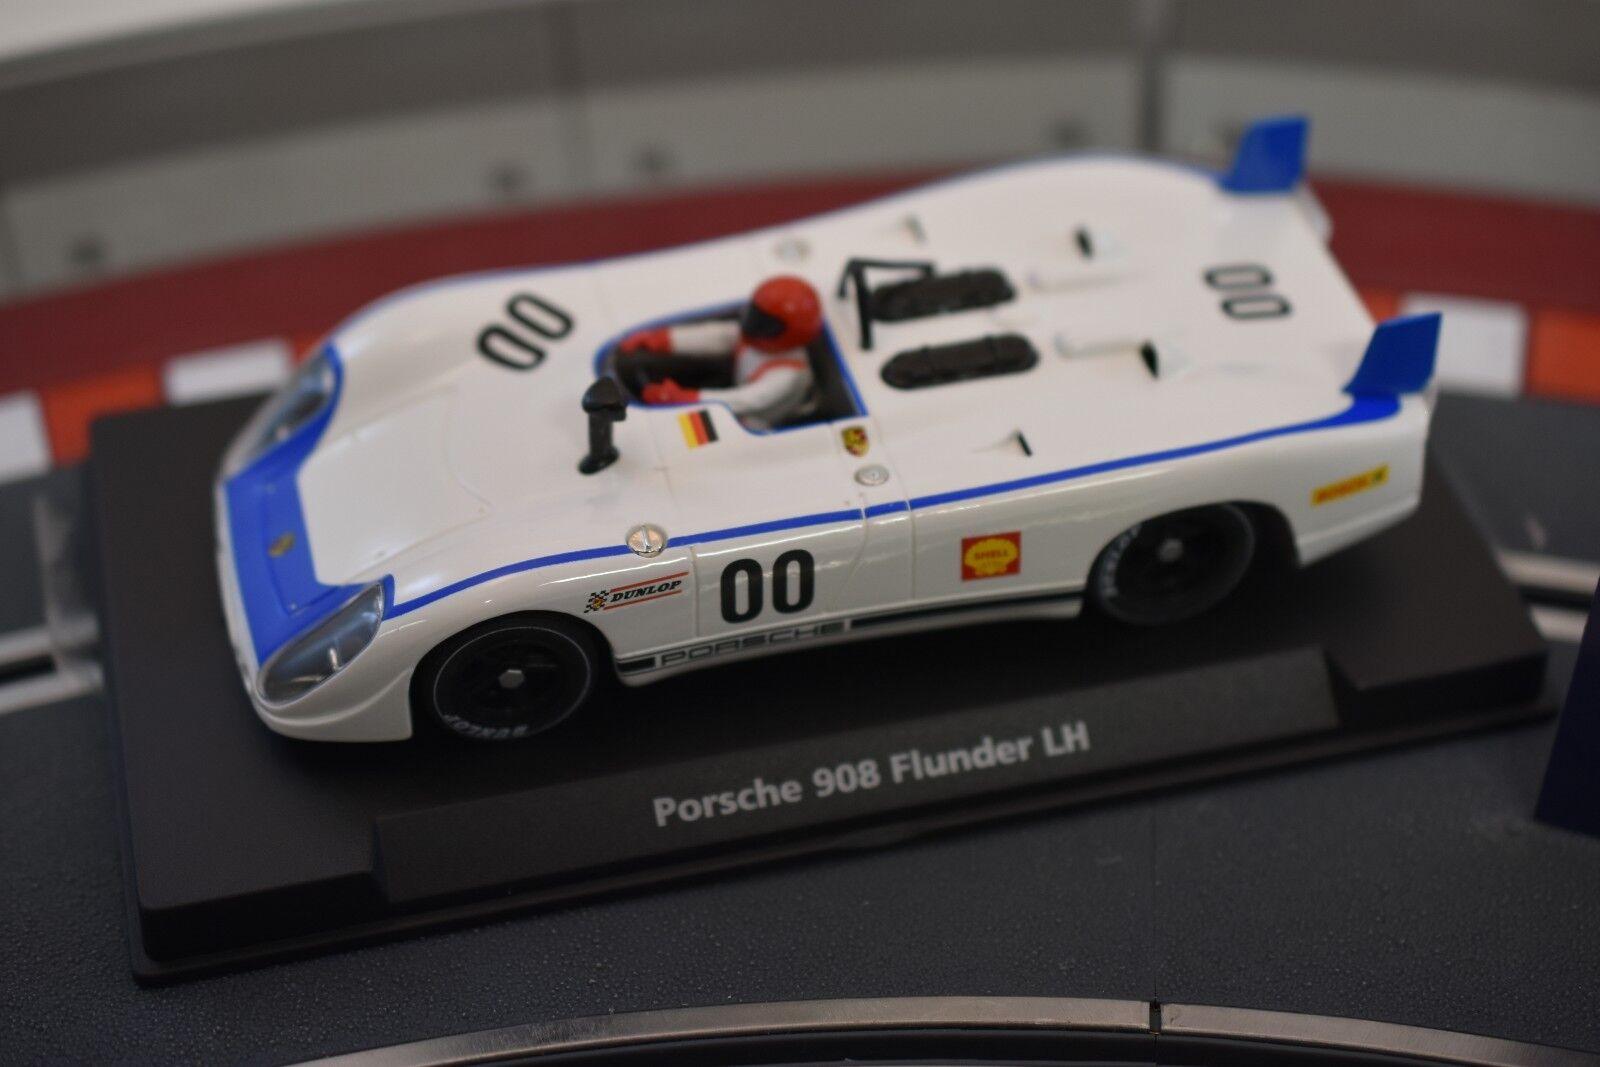 88121 FLY CAR MODELS 1 32 PORSCHE 908 FLUNBER LH A- 412